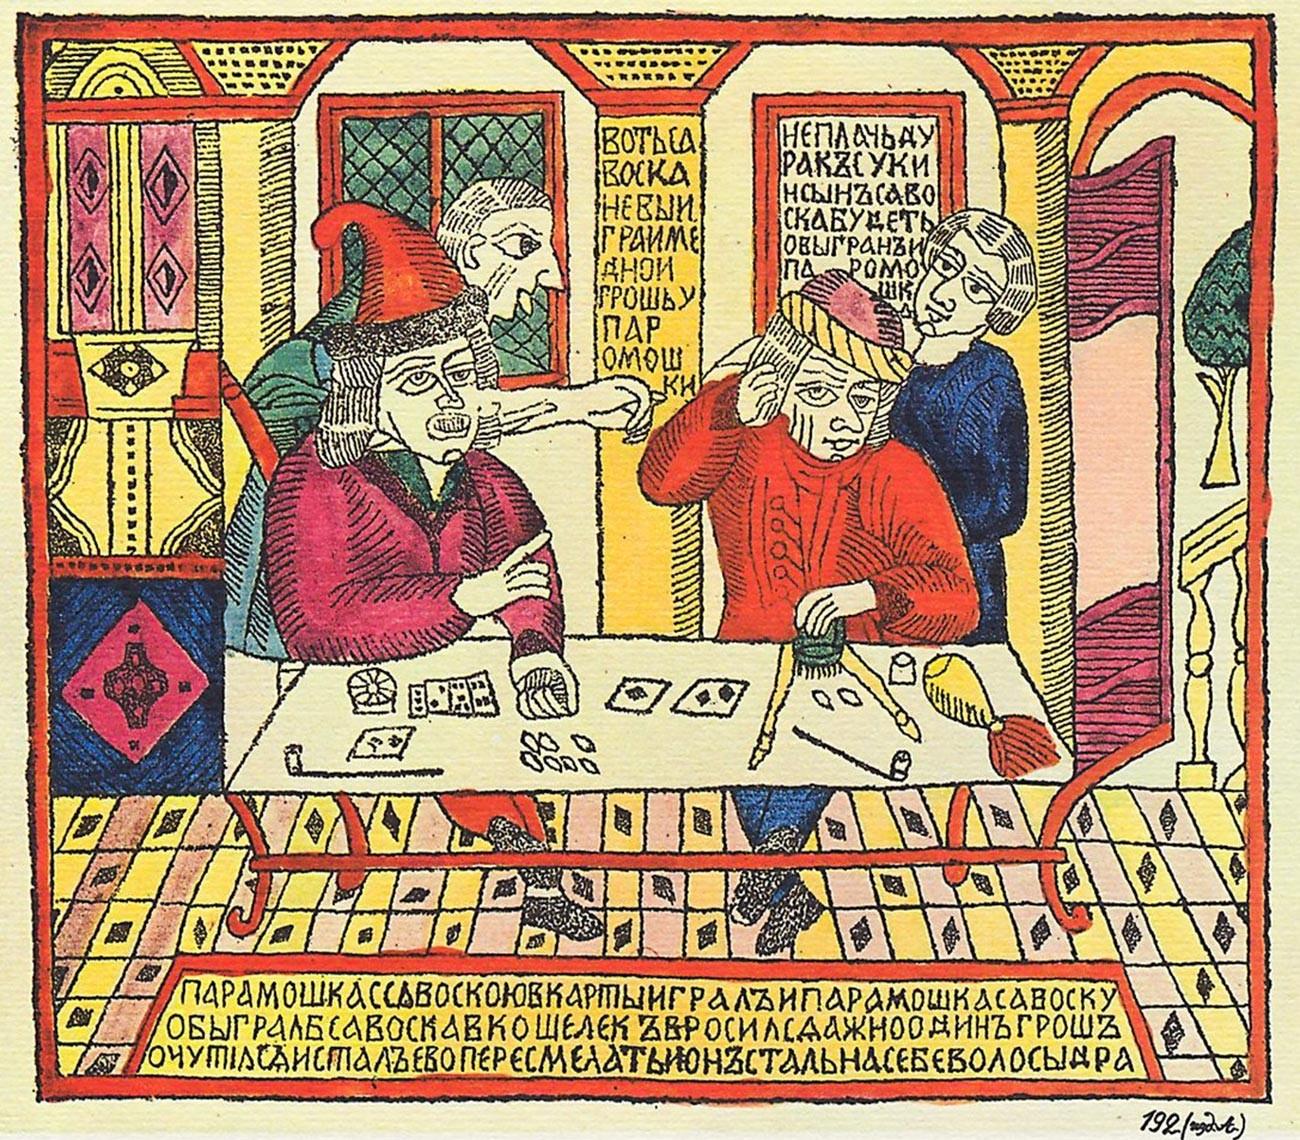 ルボーク「サヴォシカとパラモシカ」、18世紀。  テキスト:「パラモシカは、サヴォシカとトランプをして、サヴォシカを負かした。サヴォシカが財布をのぞくと、1コペイカしかなかった。パラモシカは罵倒し始め、サヴォシカは髪を引きむしり出した」